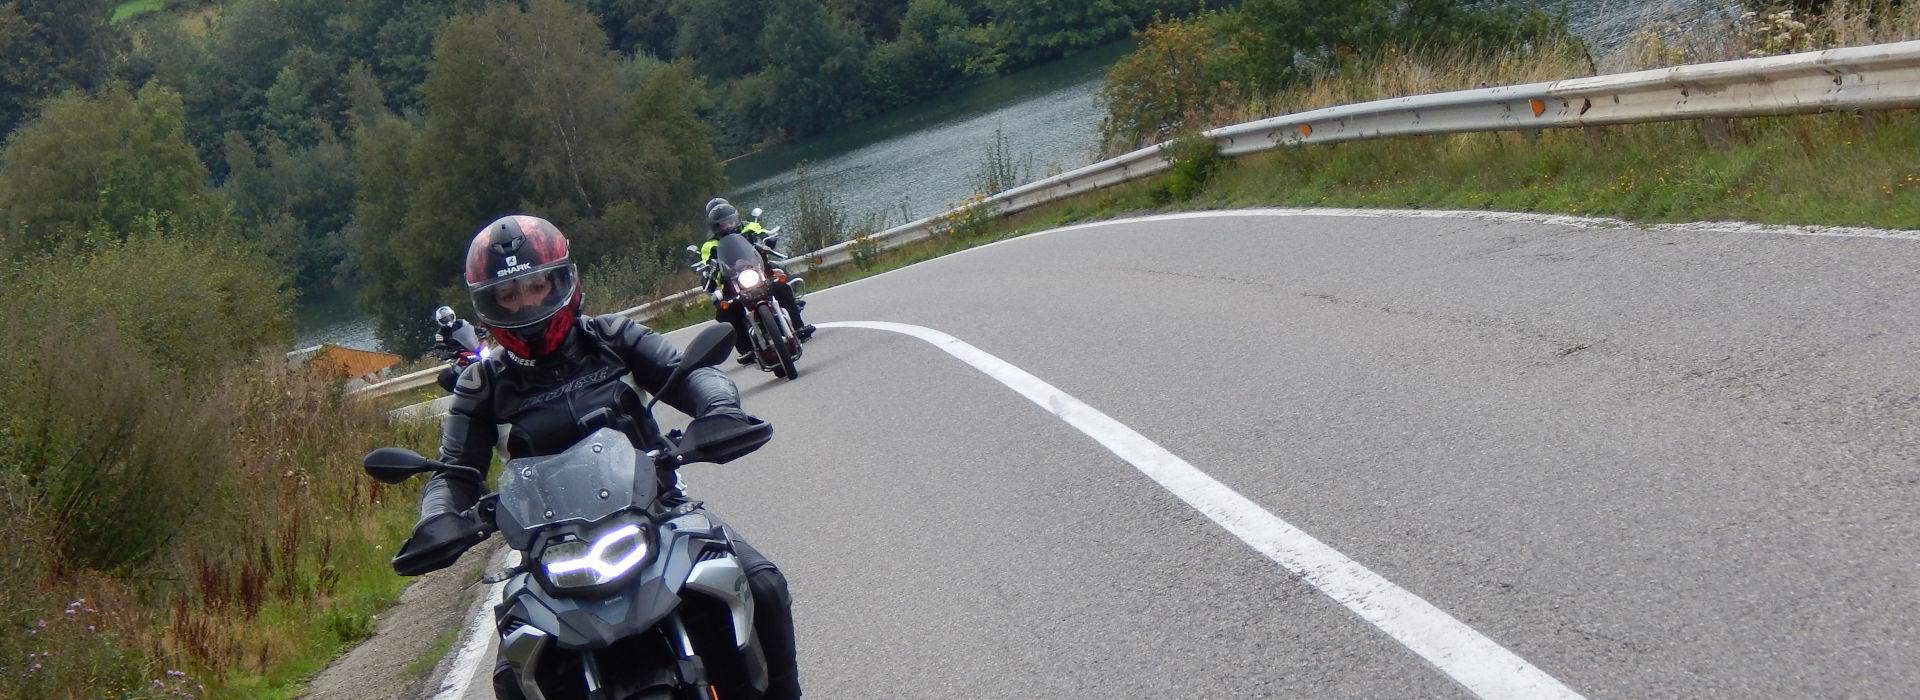 Motorrijbewijspoint Harderwijk  motorrijbewijs binnen 1 week